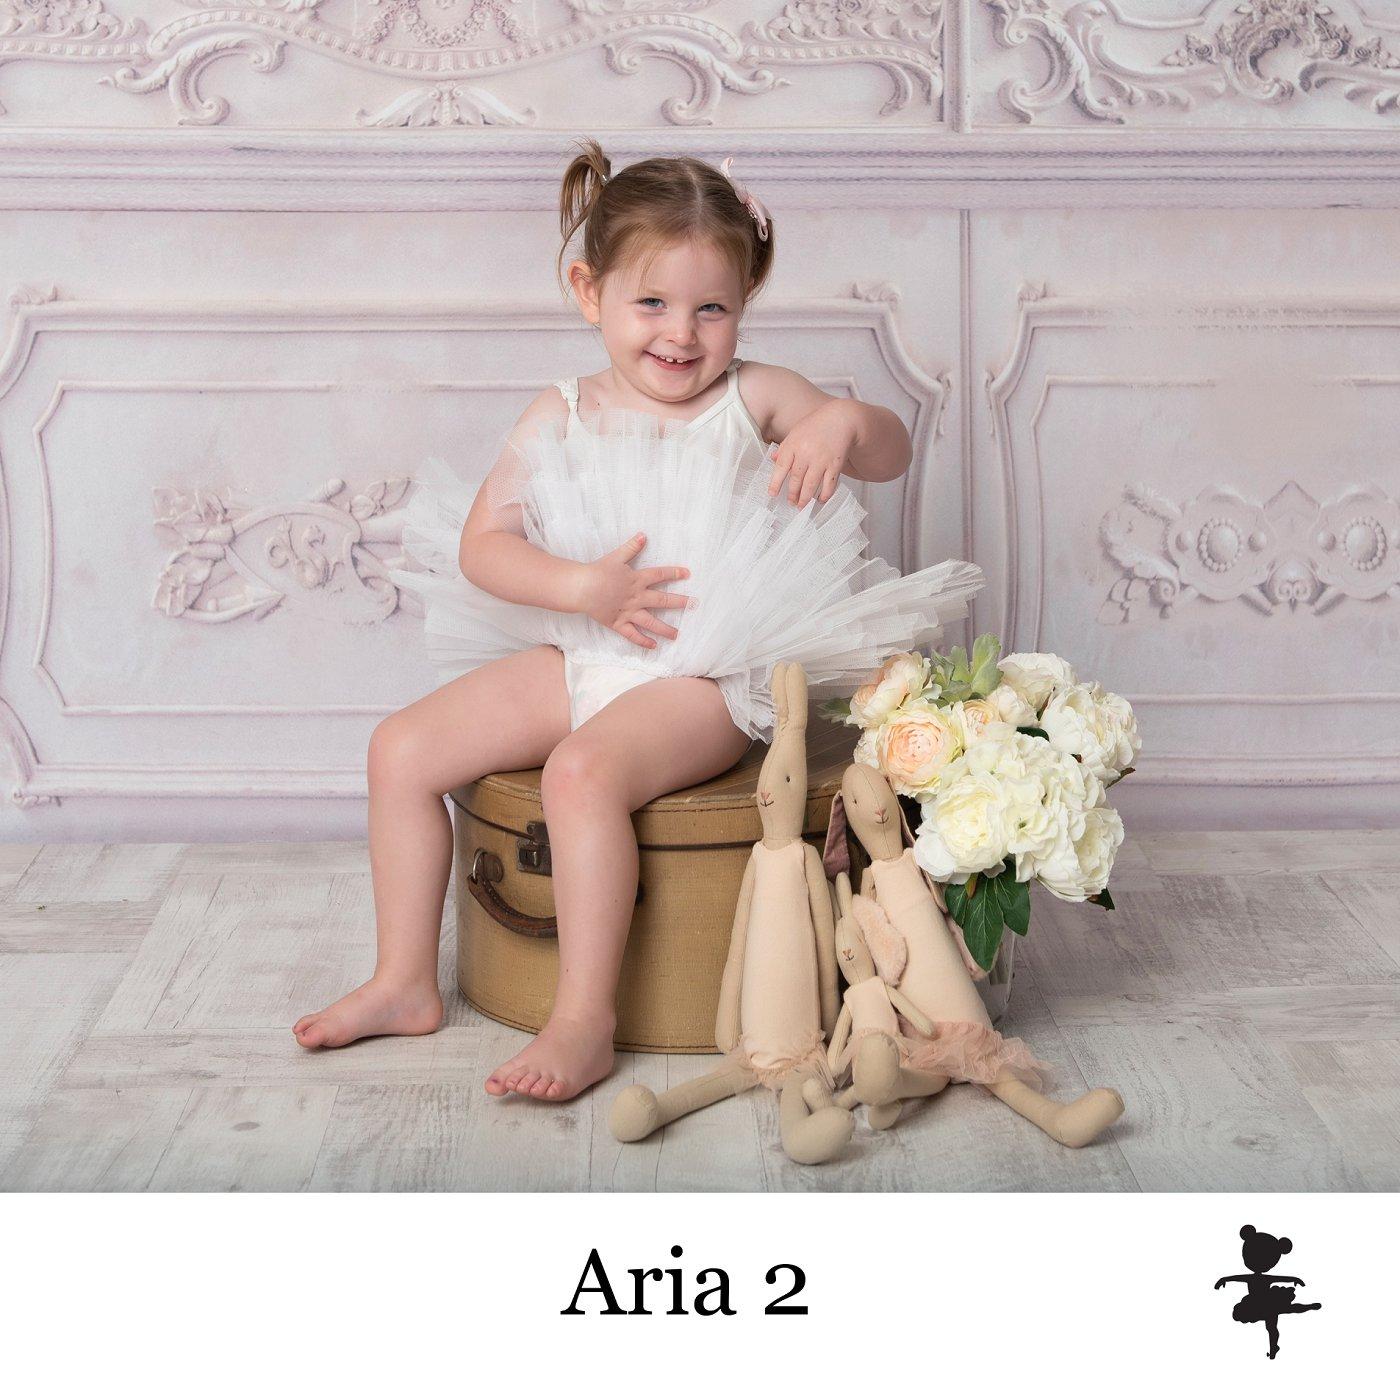 LB1719-Aria 2.jpg